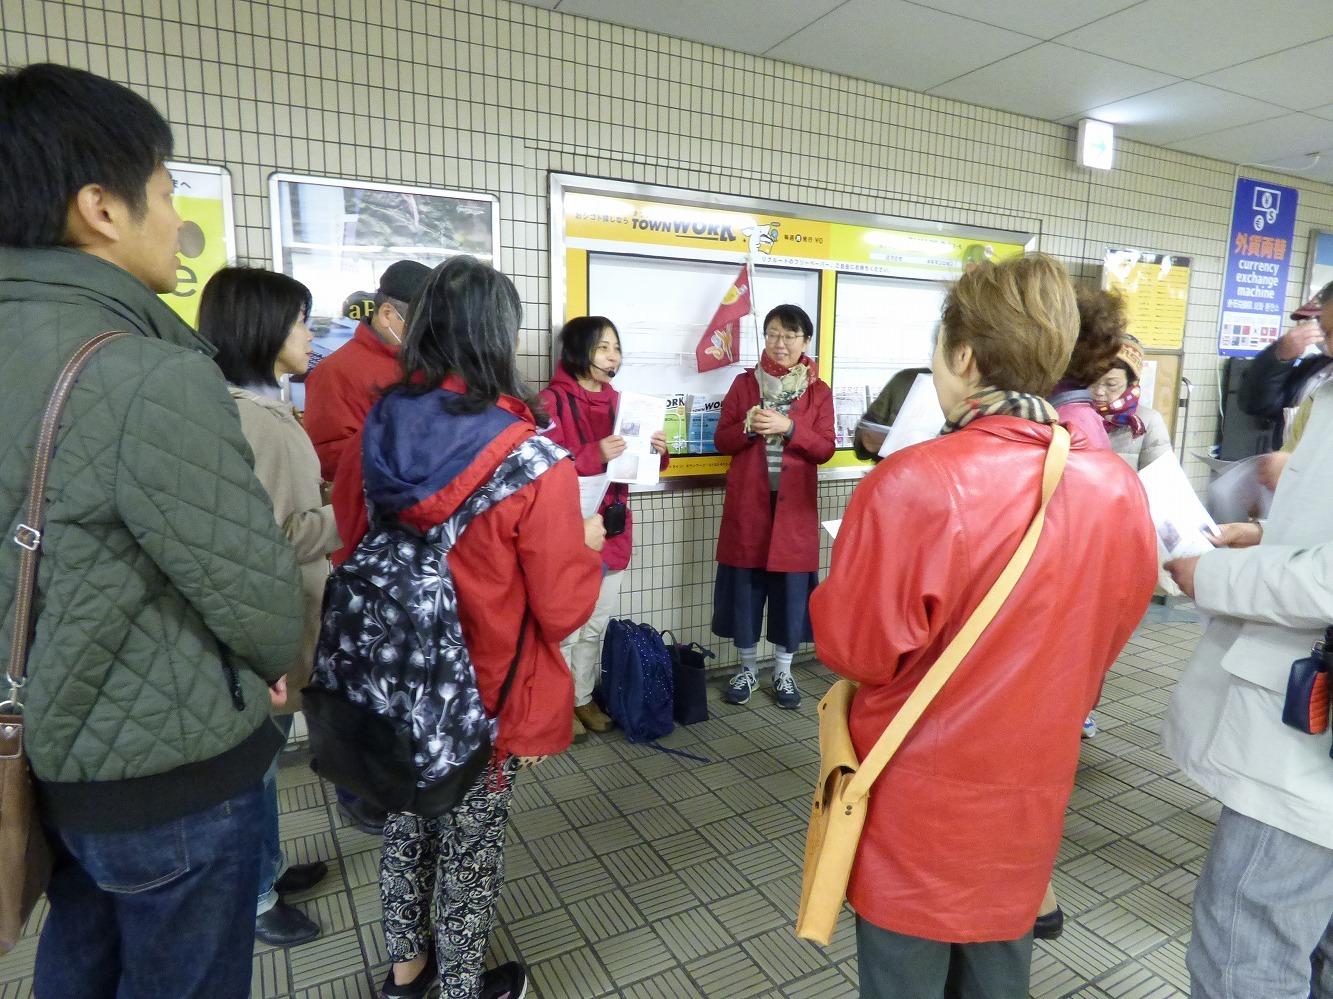 旗を持ったスタッフが『まいまい京都』事務局の阿比留さん、その左がガイドの加藤さん。